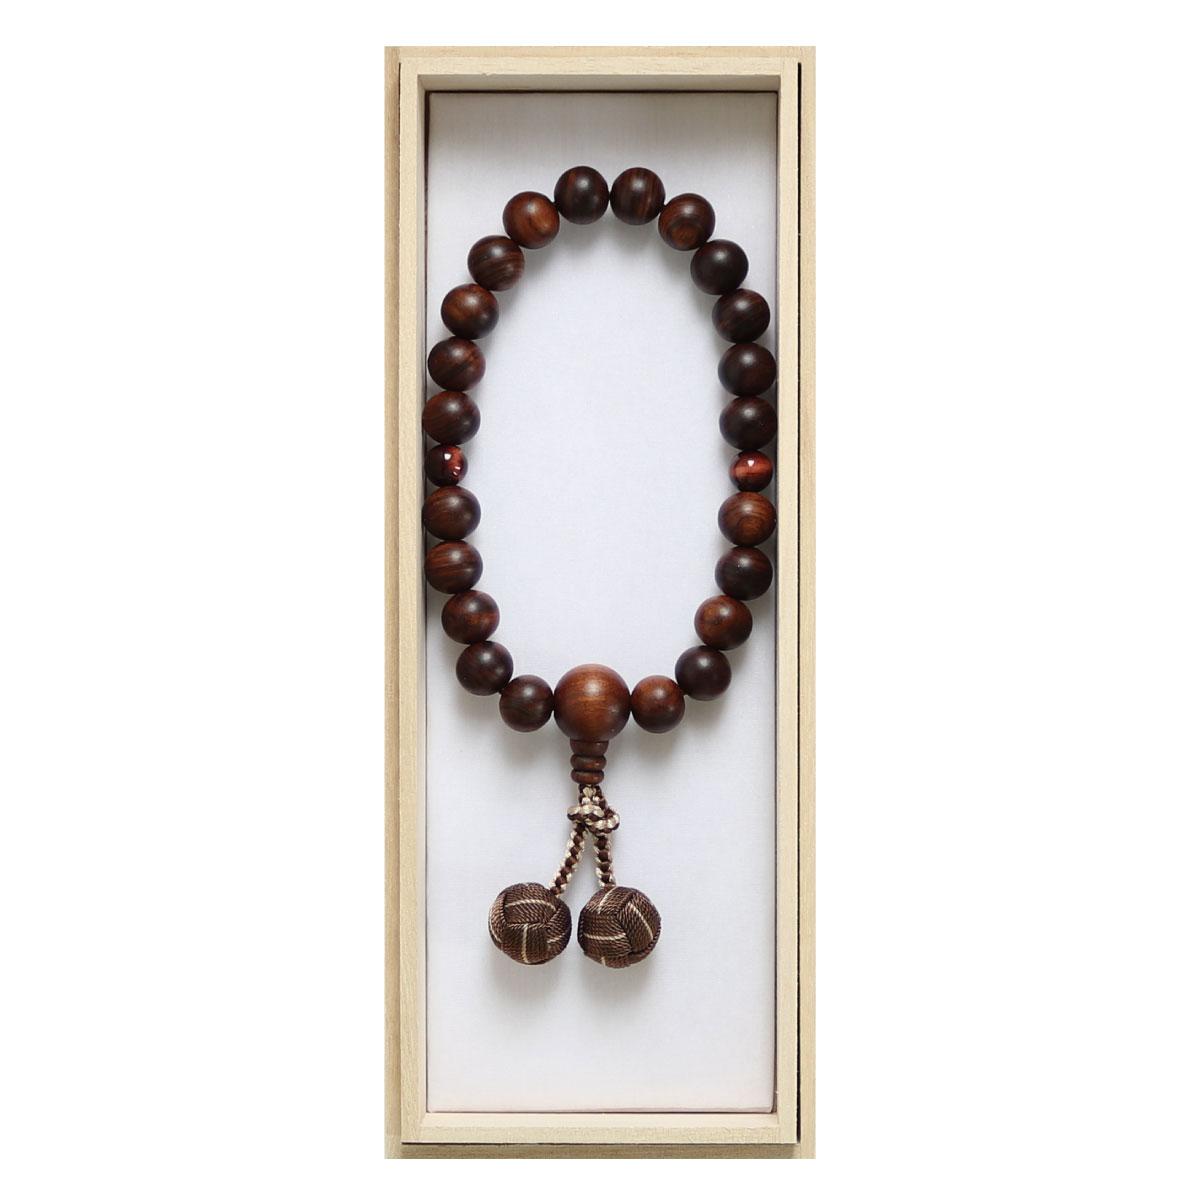 数珠 男性用略式 京念数 全宗派対応 縞栴檀 赤虎目石仕立 利久梵天房